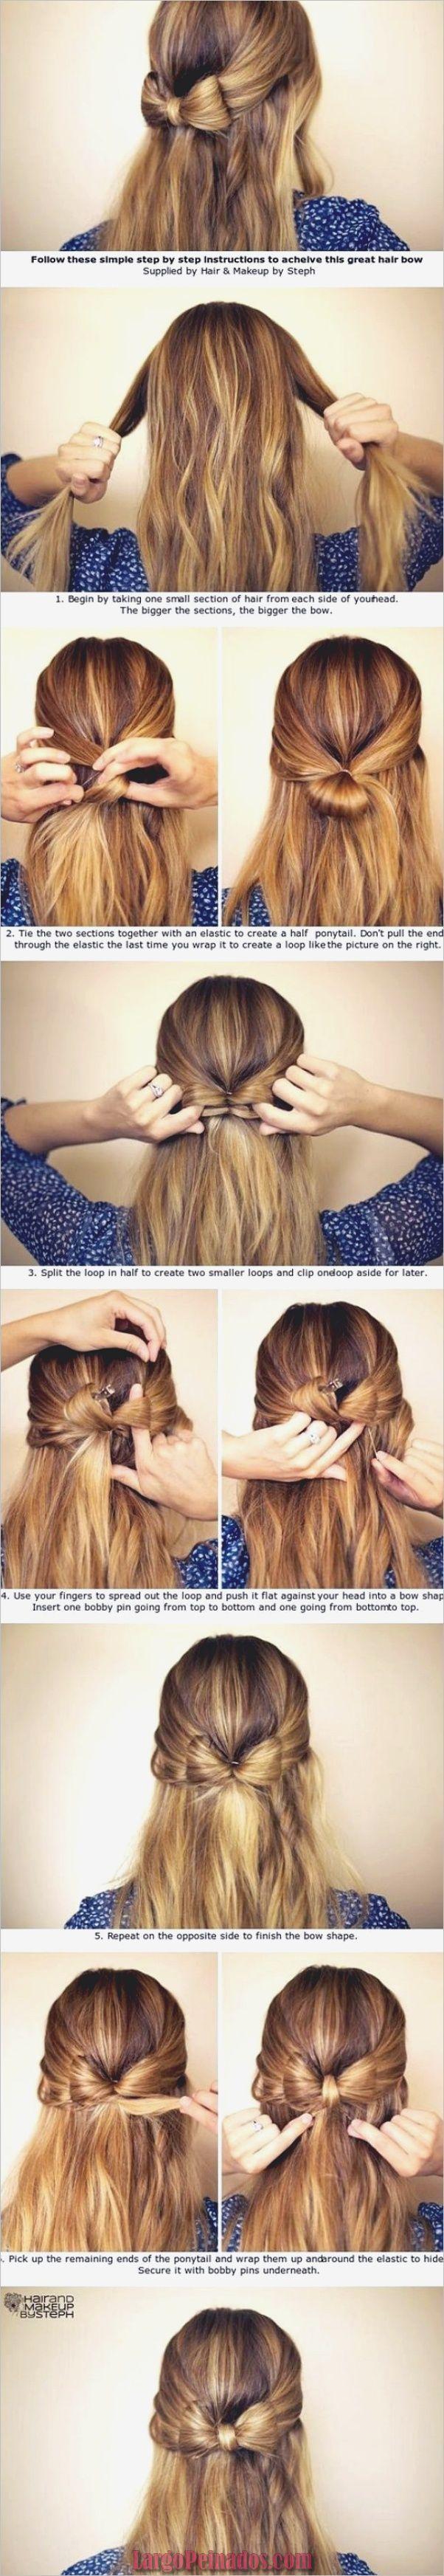 20 peinados muy fáciles para mañanas muy ocupadas ,  #Fáciles #hairpeinadosmornings #mañanas …